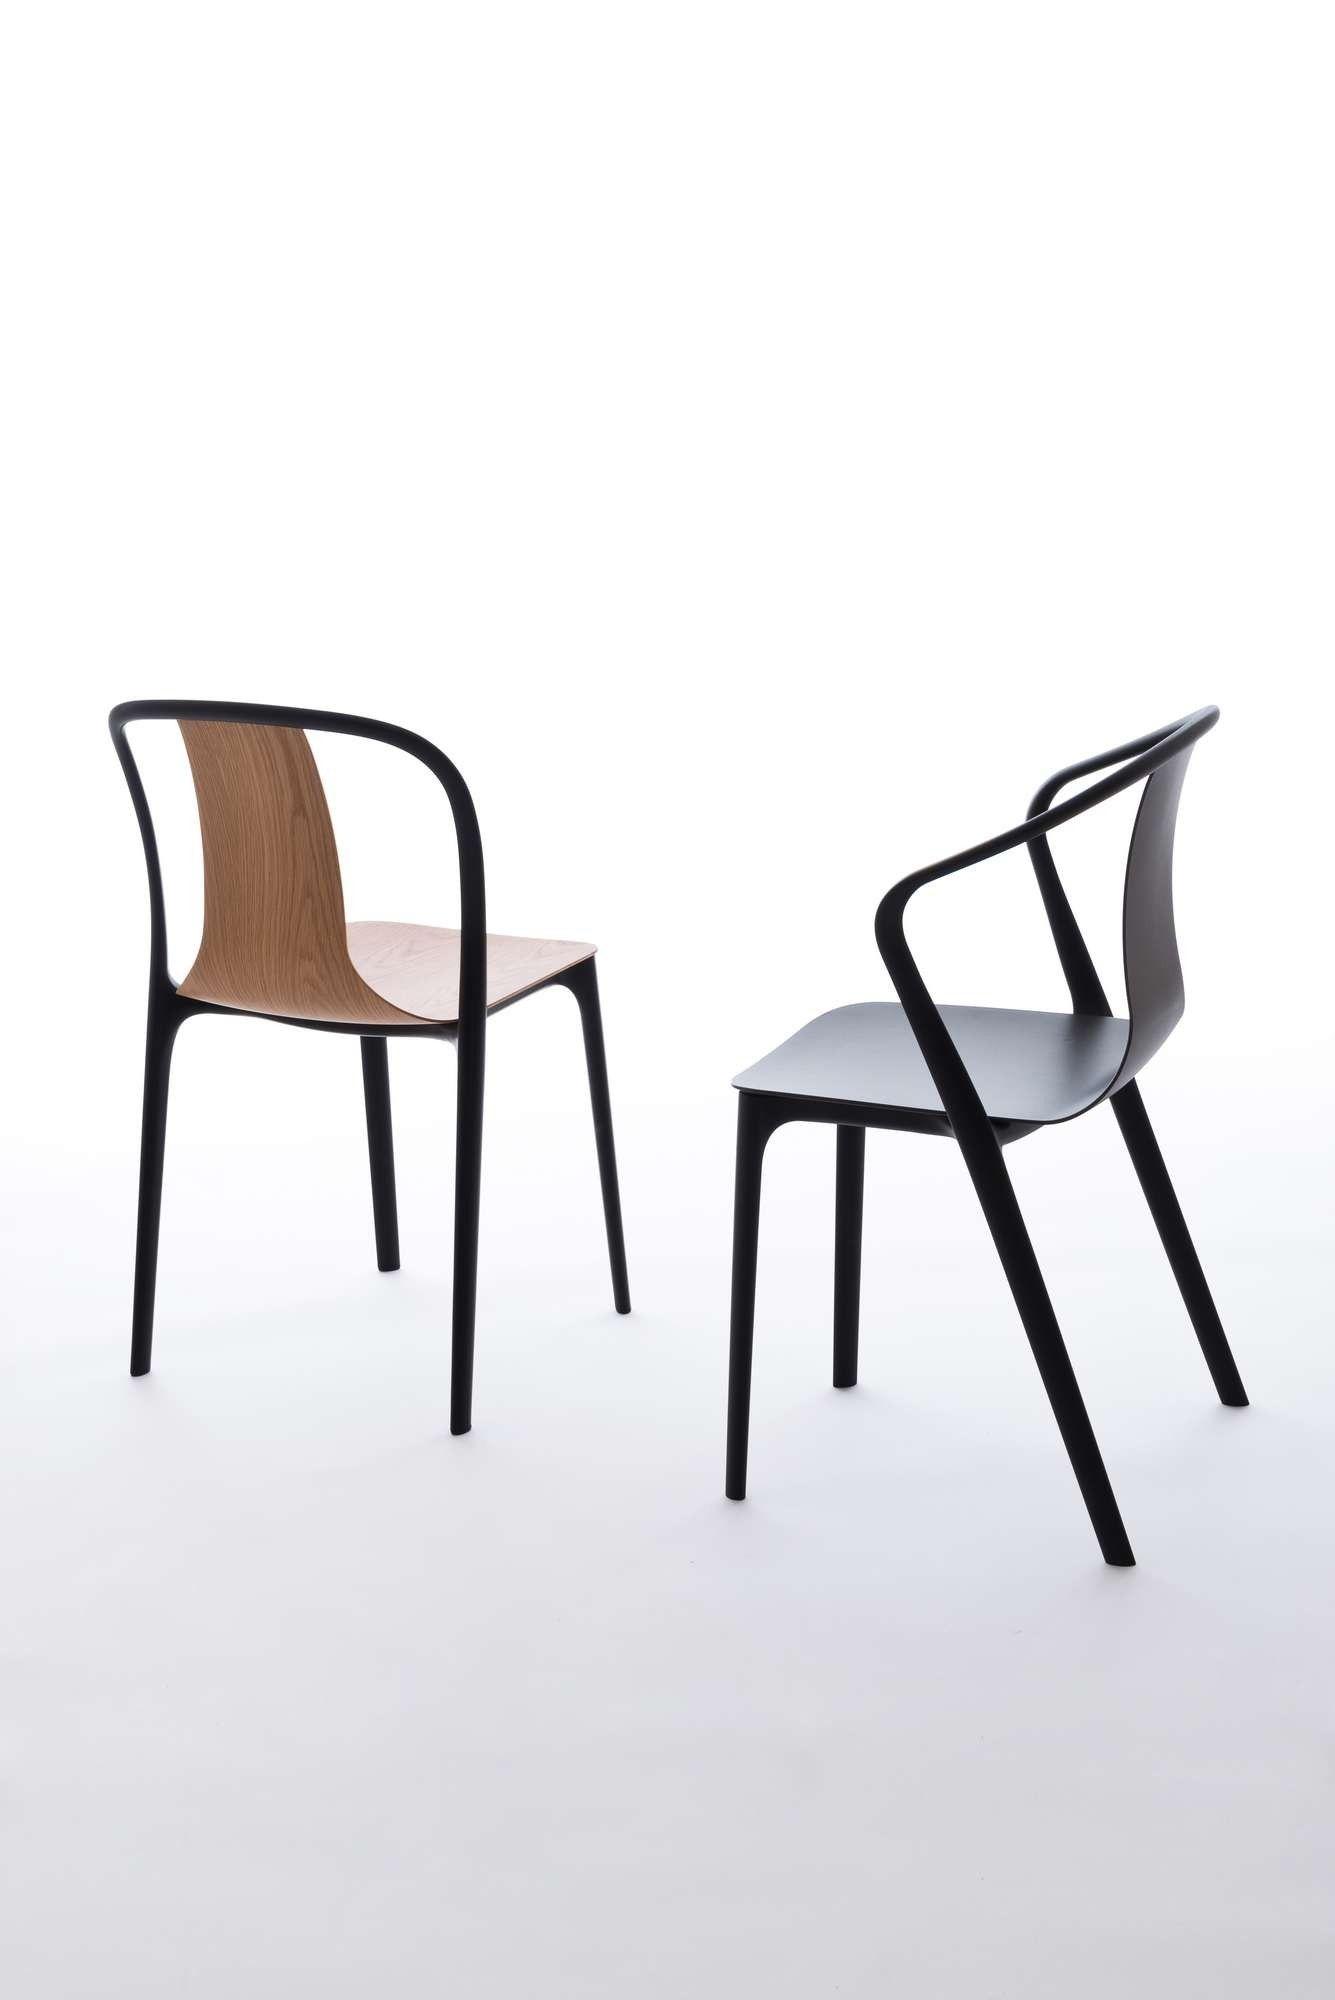 Einrichten Design De belleville armrest chair vitra einrichten design de furniture